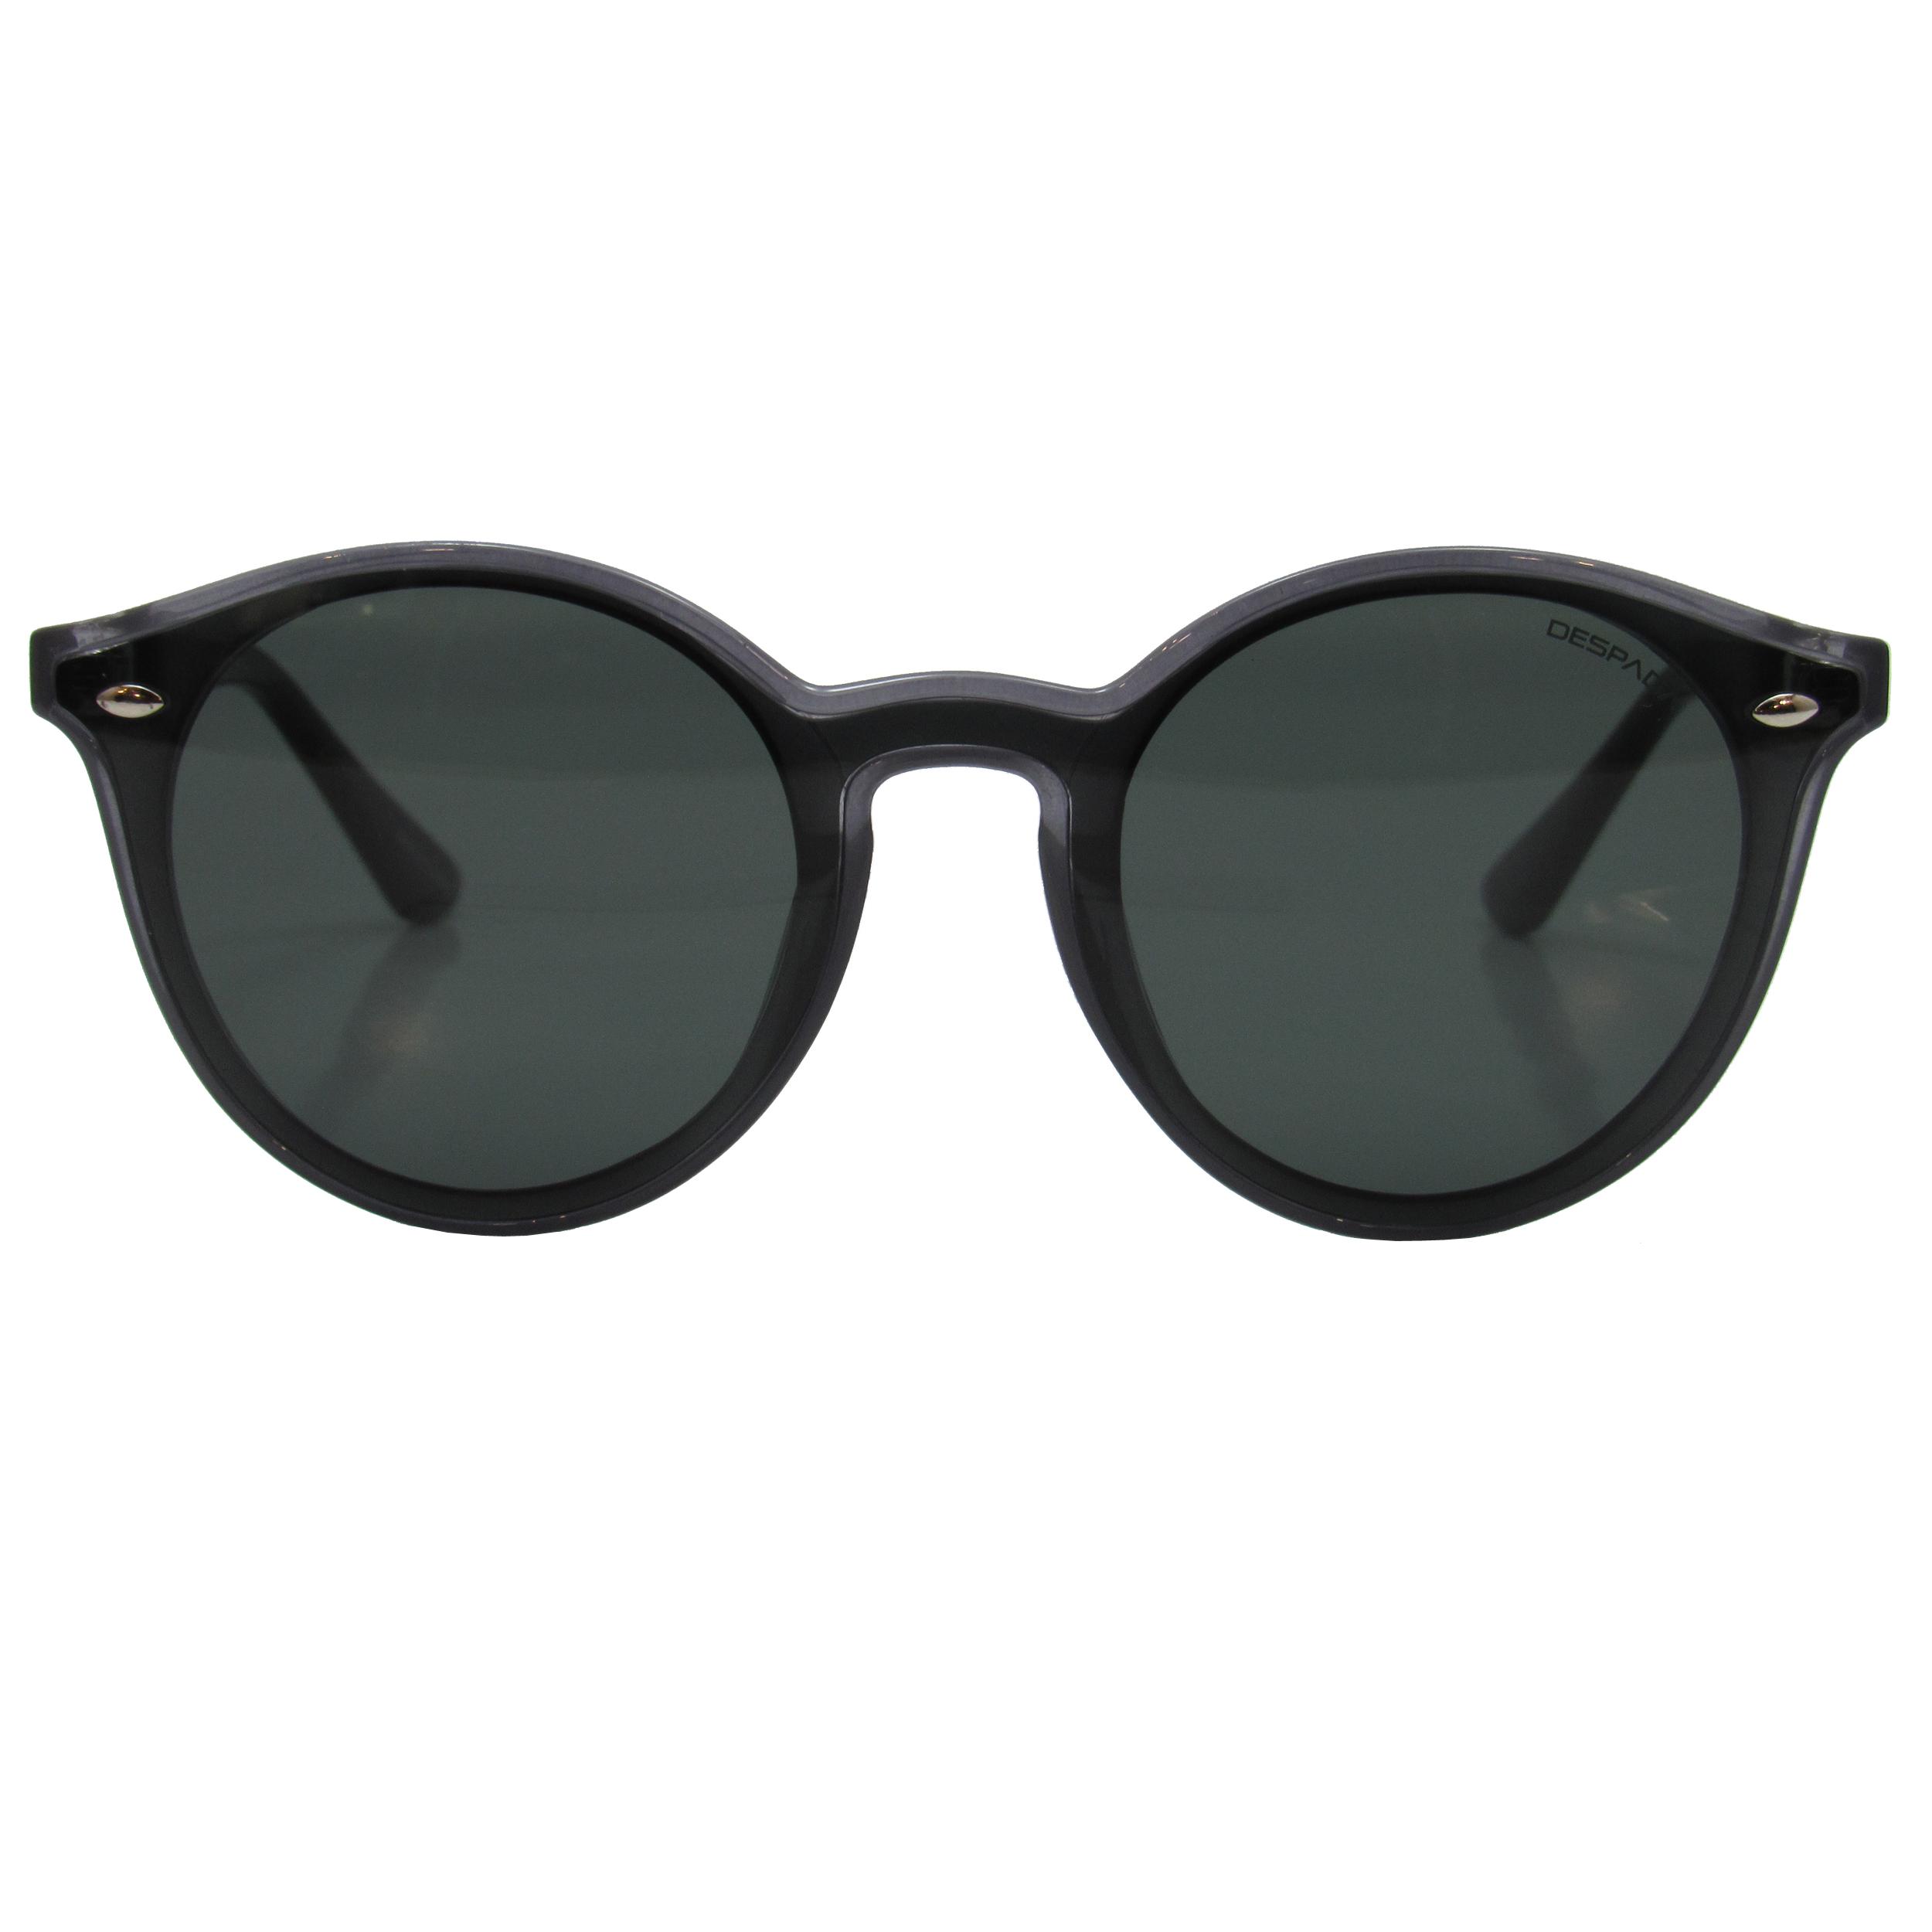 عینک آفتابی زنانه دسپادا مدل DS1801 - C4